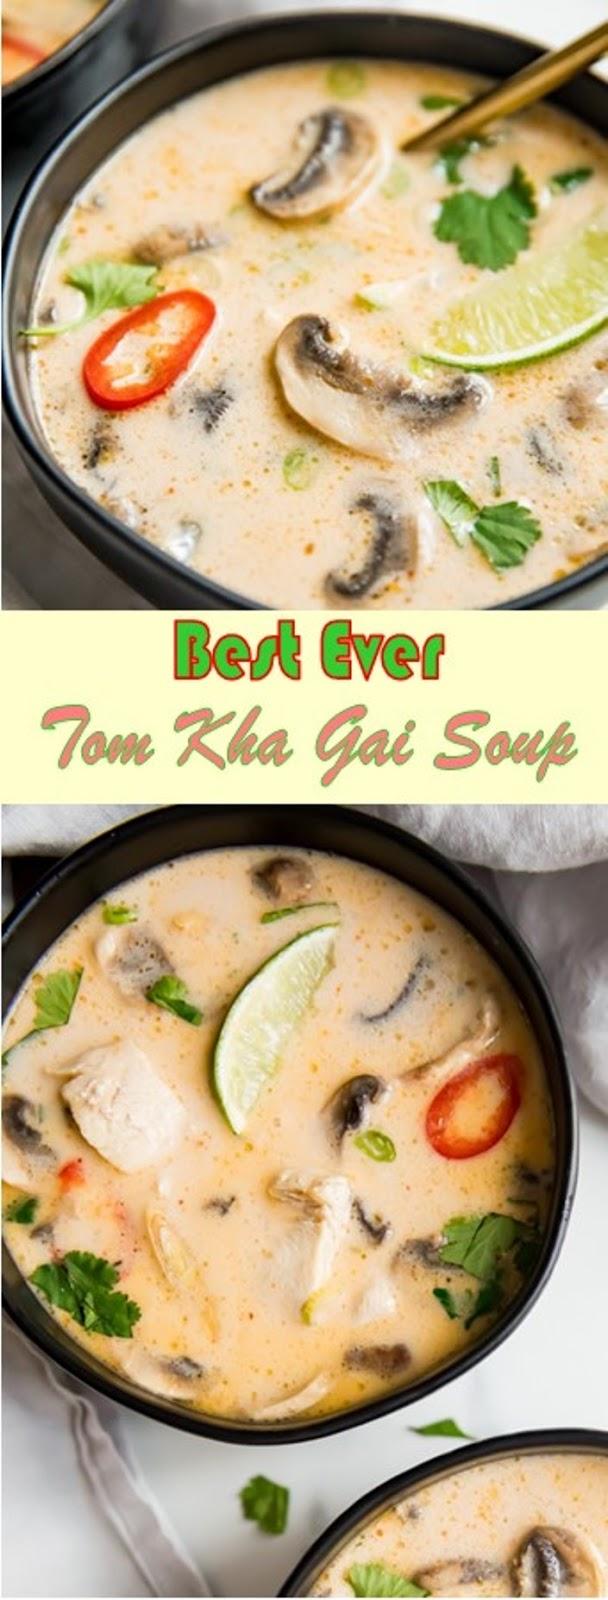 The Best Ever Tom Kha Gai Soup (Thai Coconut Chicken Soup, Whole30, Paleo)